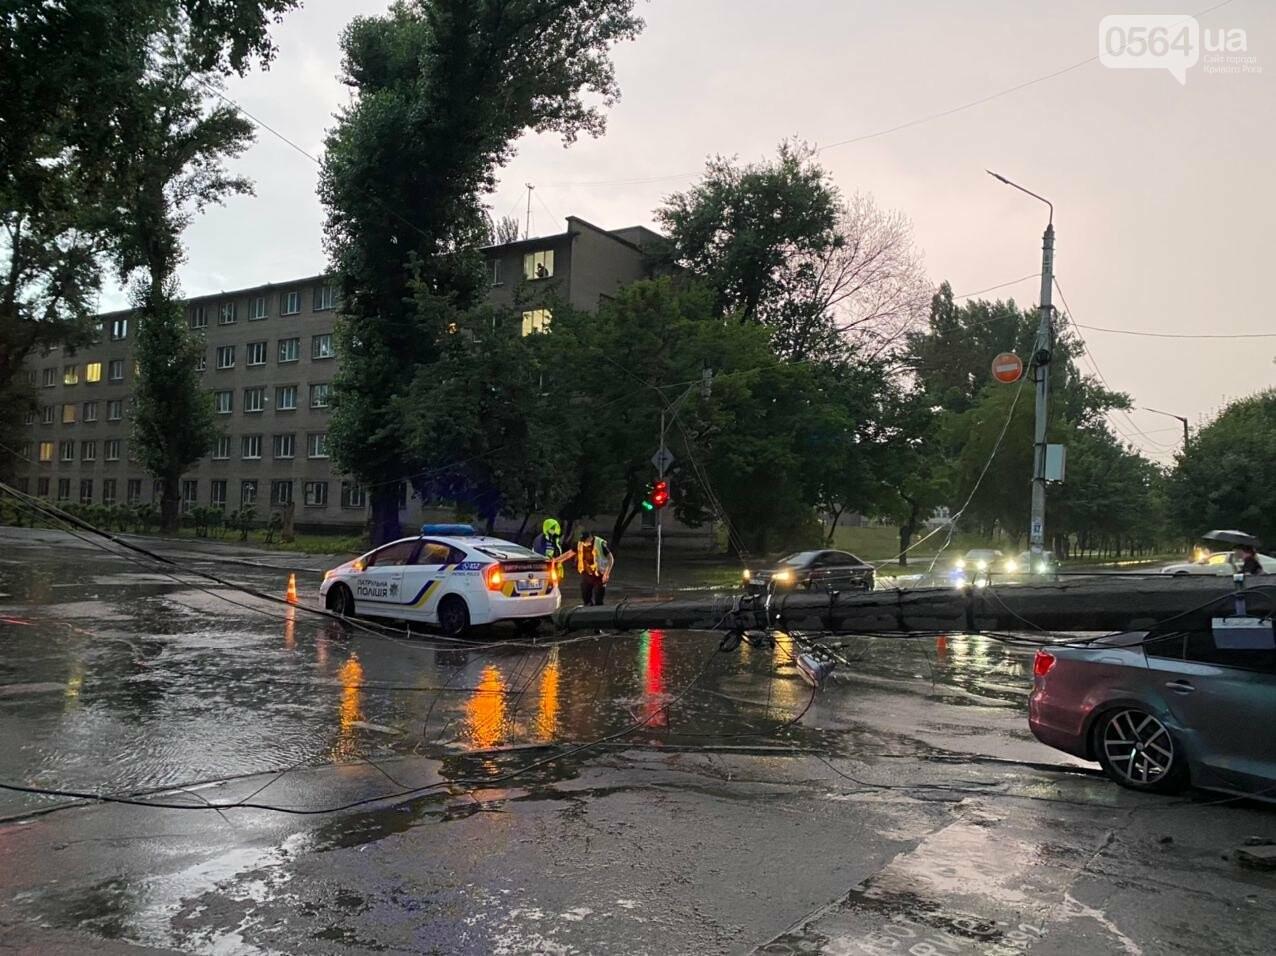 Во время дождя в Кривом Роге Volkswagen снес столб, - ФОТО, фото-8